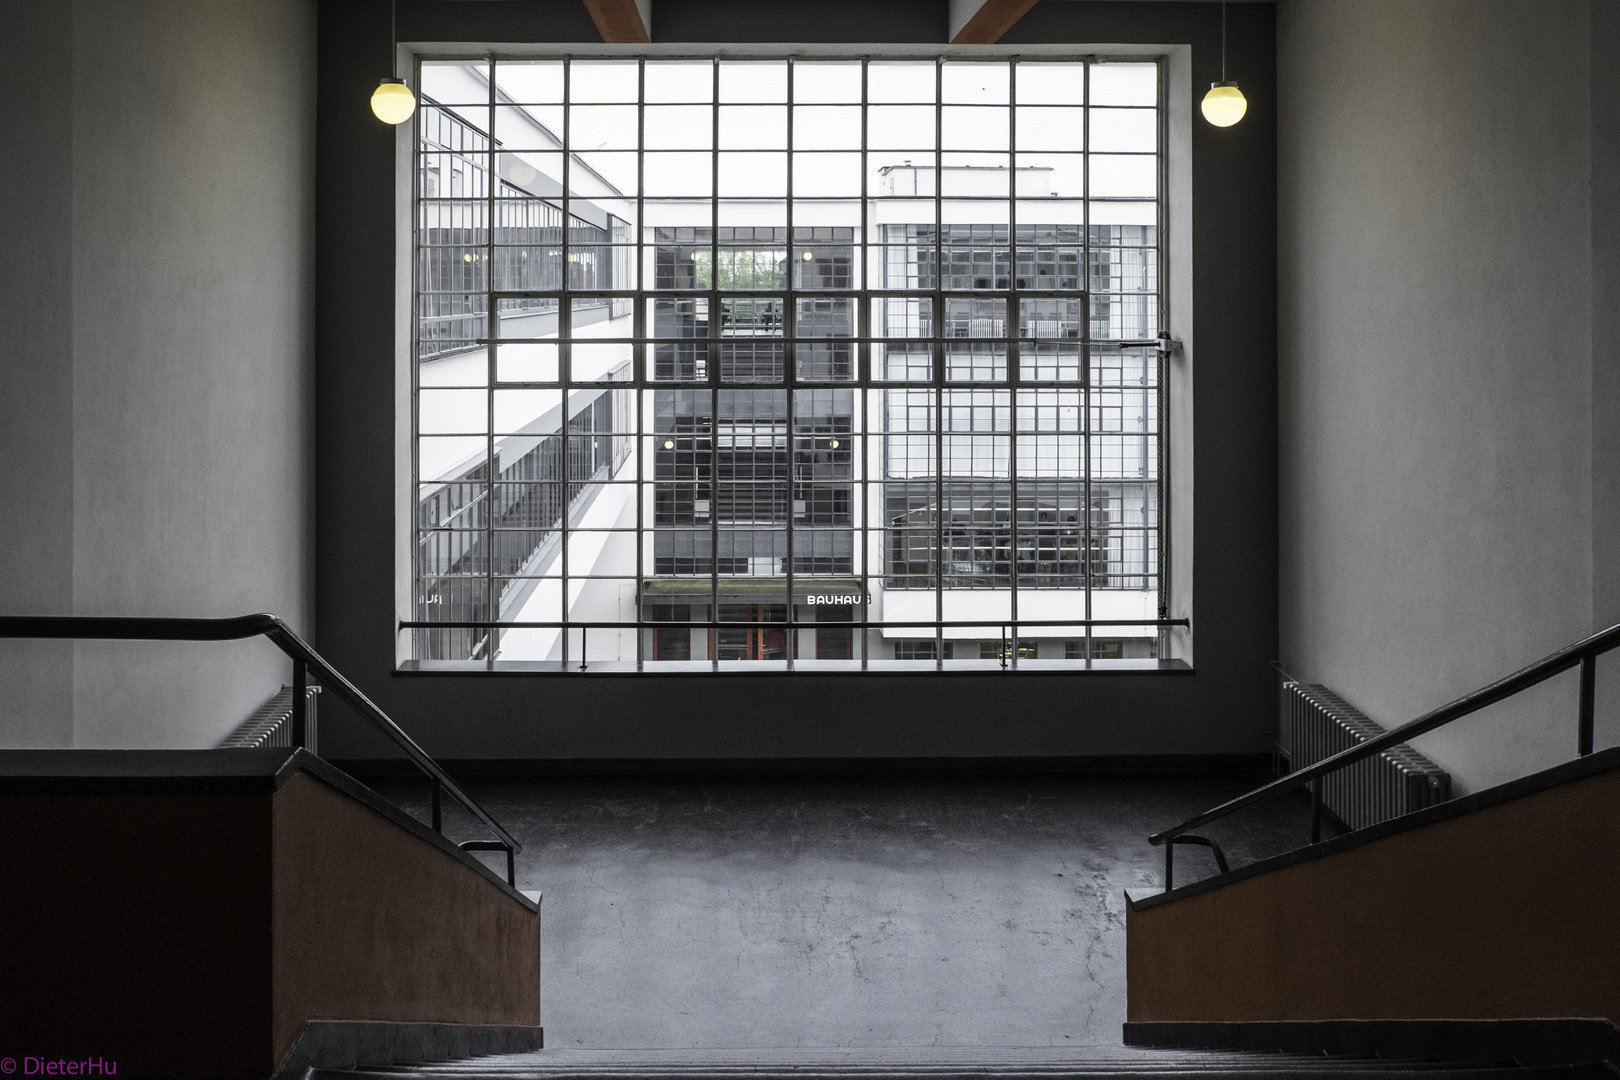 Full Size of Bauhaus Fenster Einbauen Fenstergitter Bremen Fensterfolie Granitplatten Fensterbank Fensterfolien Granit Zuschnitt Sichtschutz Fensterdichtung Kosten Tesa Fenster Bauhaus Fenster